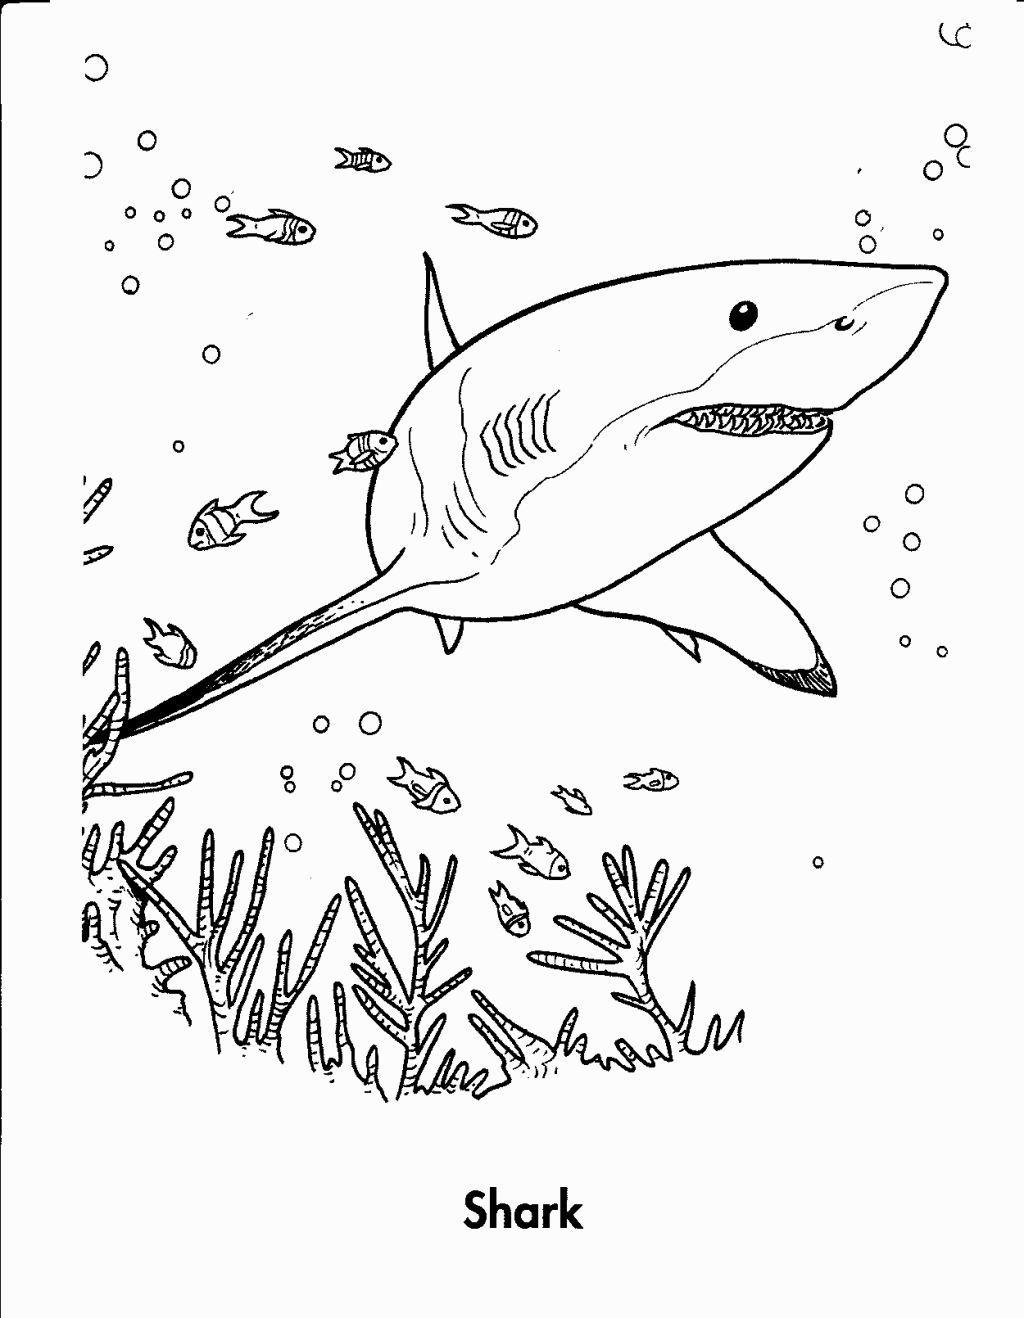 Shark Coloring Kostenlose ausmalbilder Malvorlagen für